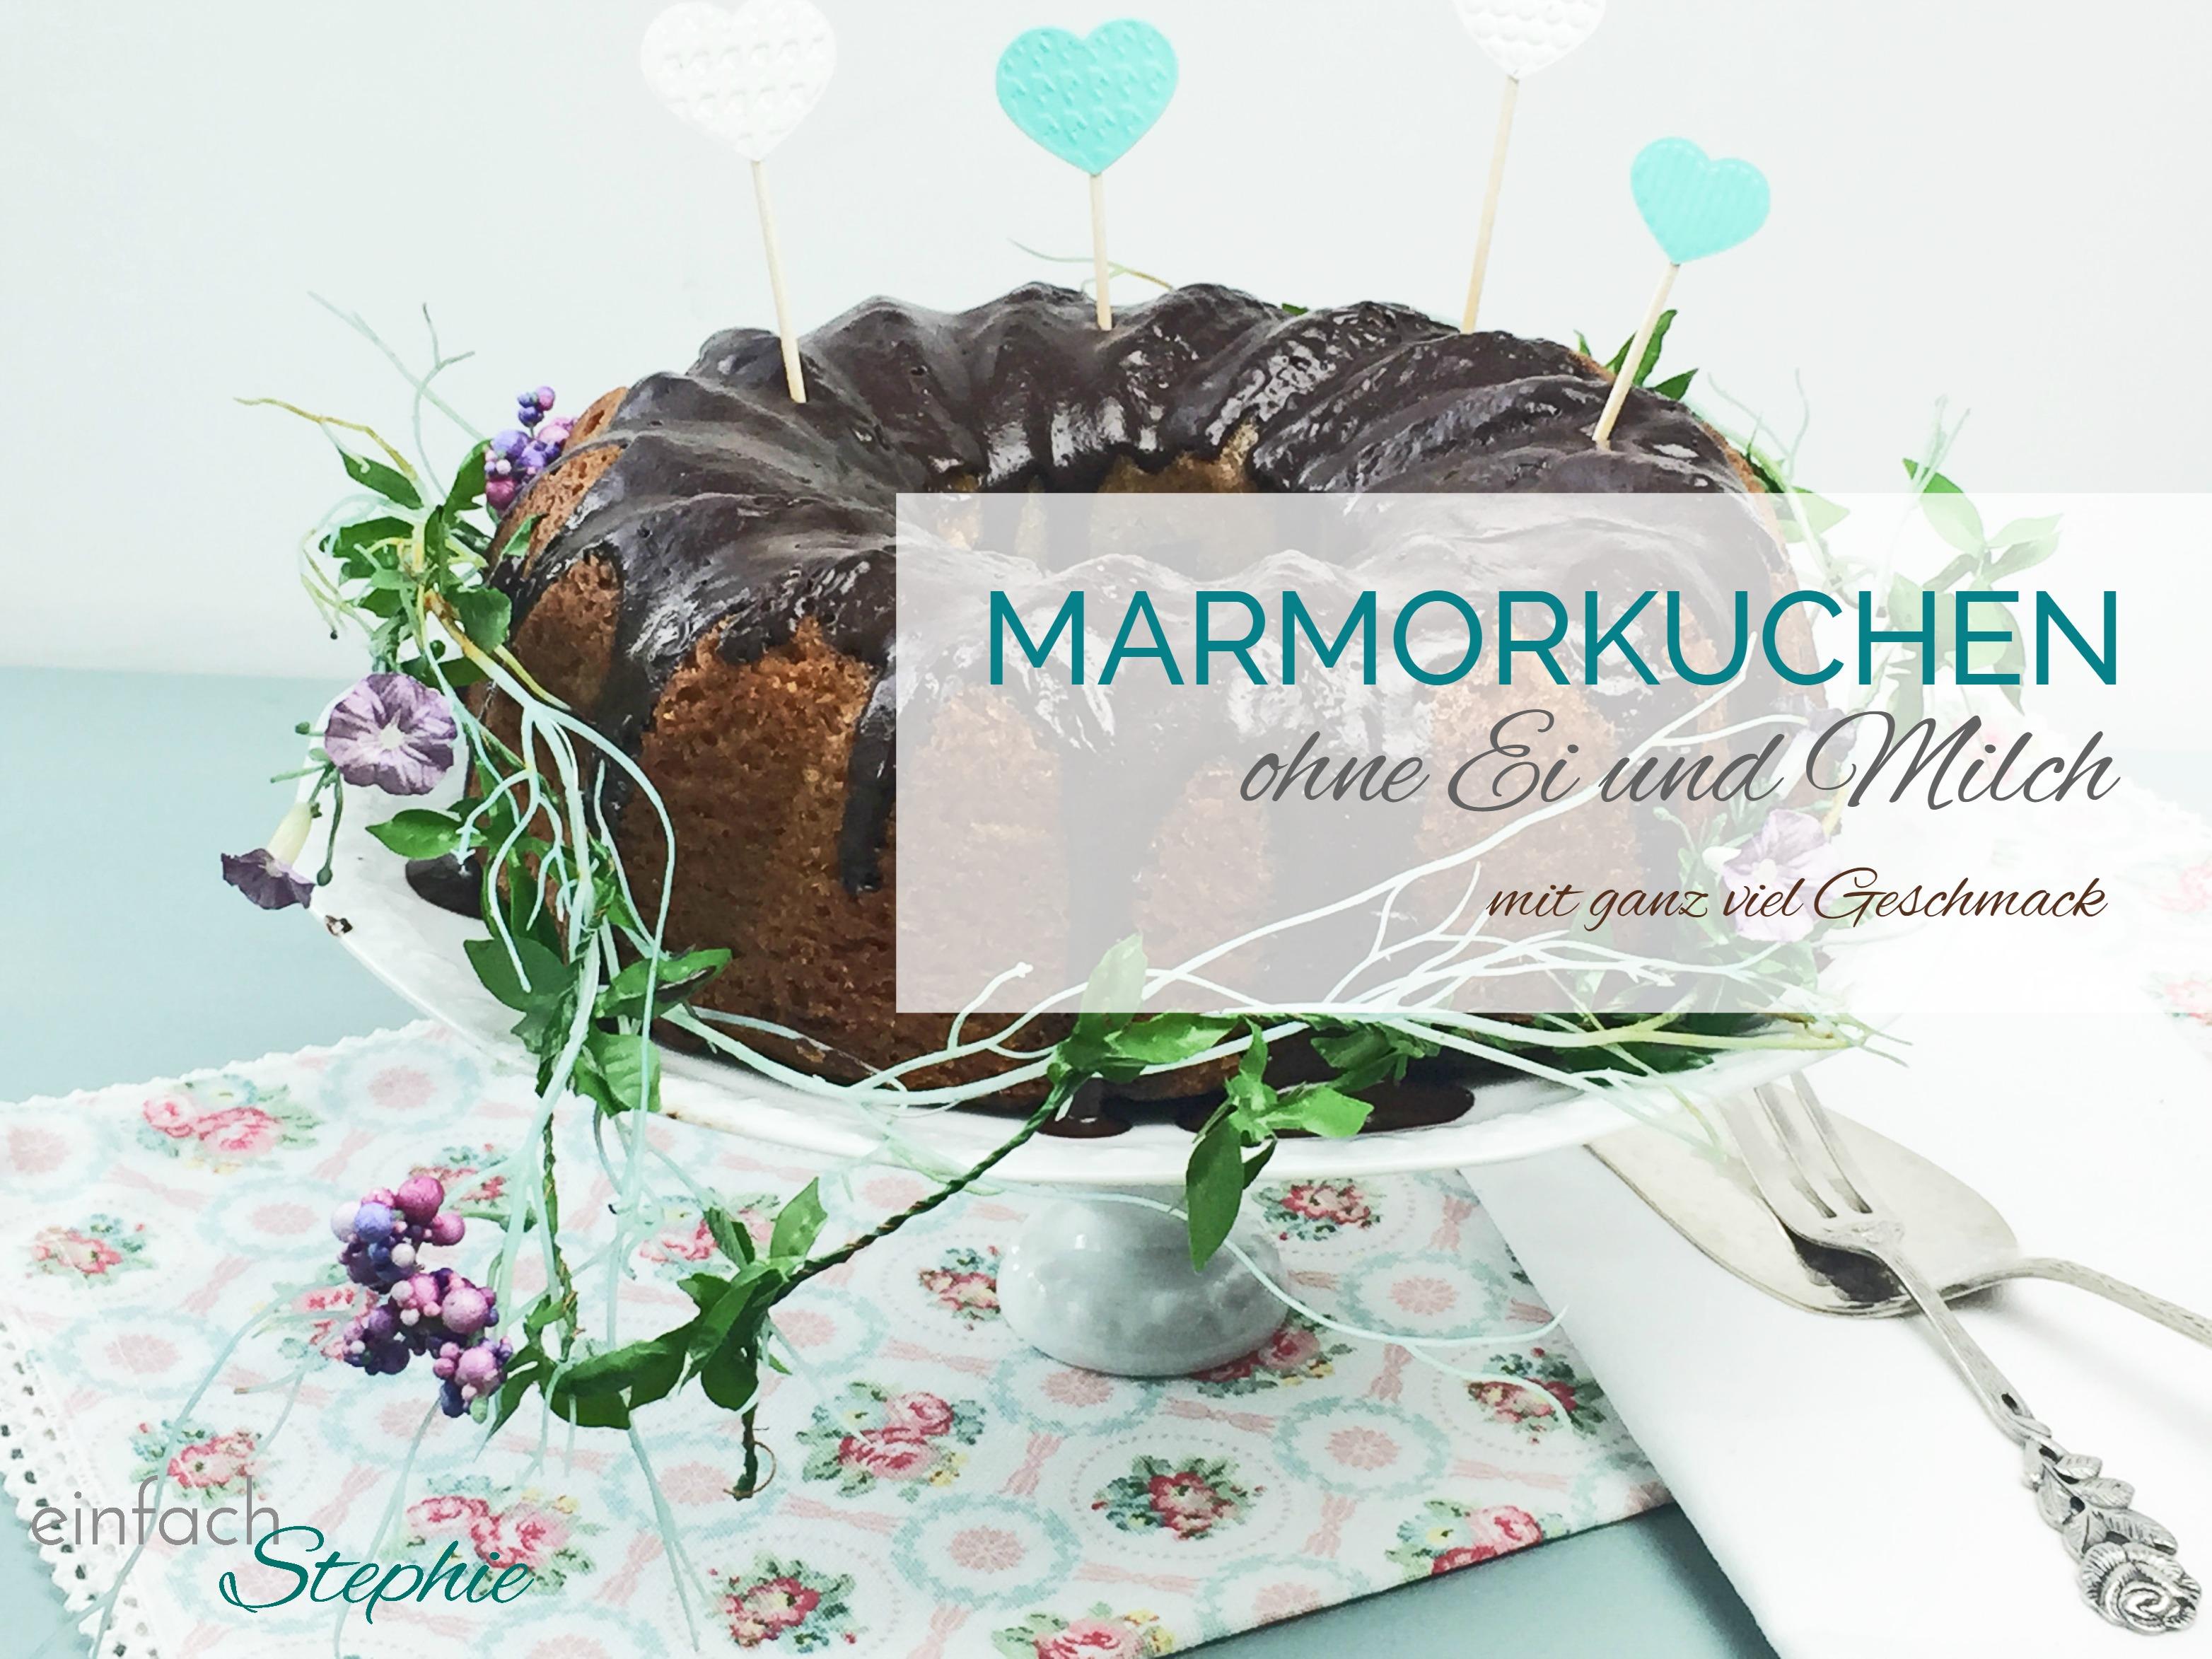 Marmorkuchen ohne Ei und Milch. Titelbild